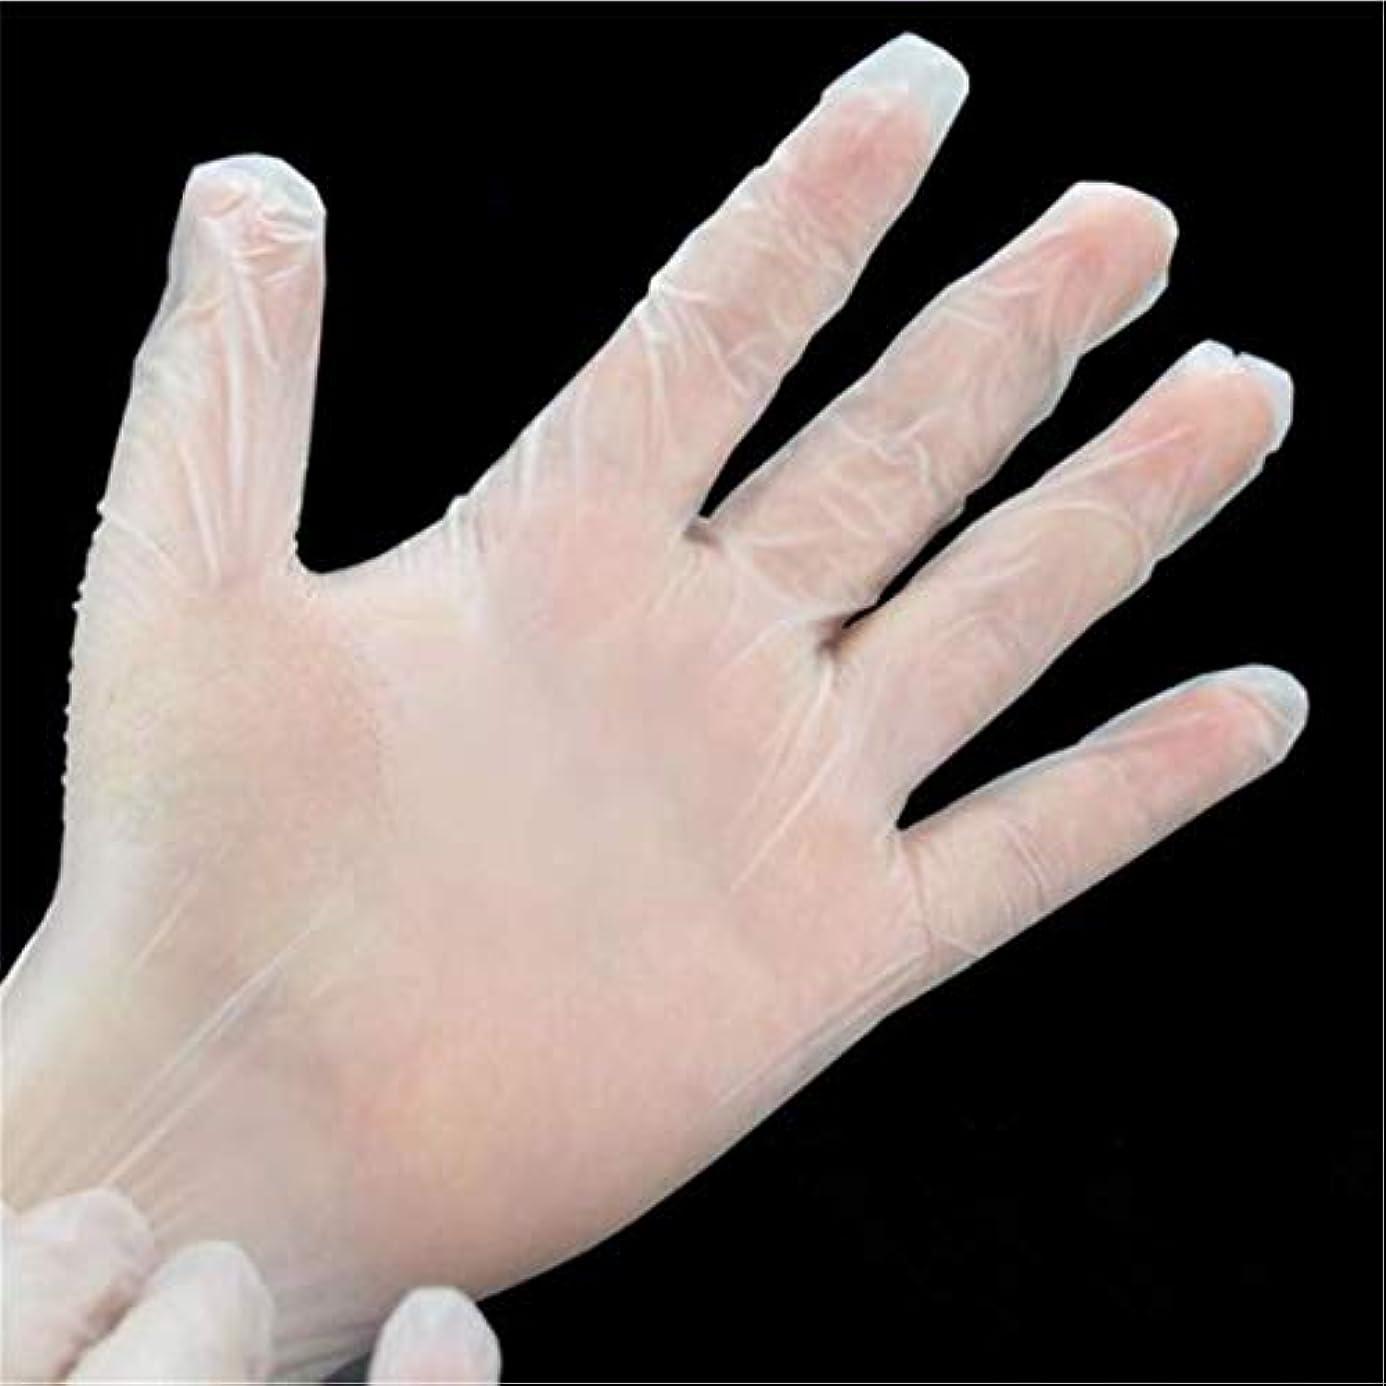 信者合金アブセイkaiwuyu 使い捨て手袋 ポリエチレン手袋 極薄ビニール手袋 ポリエチレン 透明 実用 衛生 50枚 高質